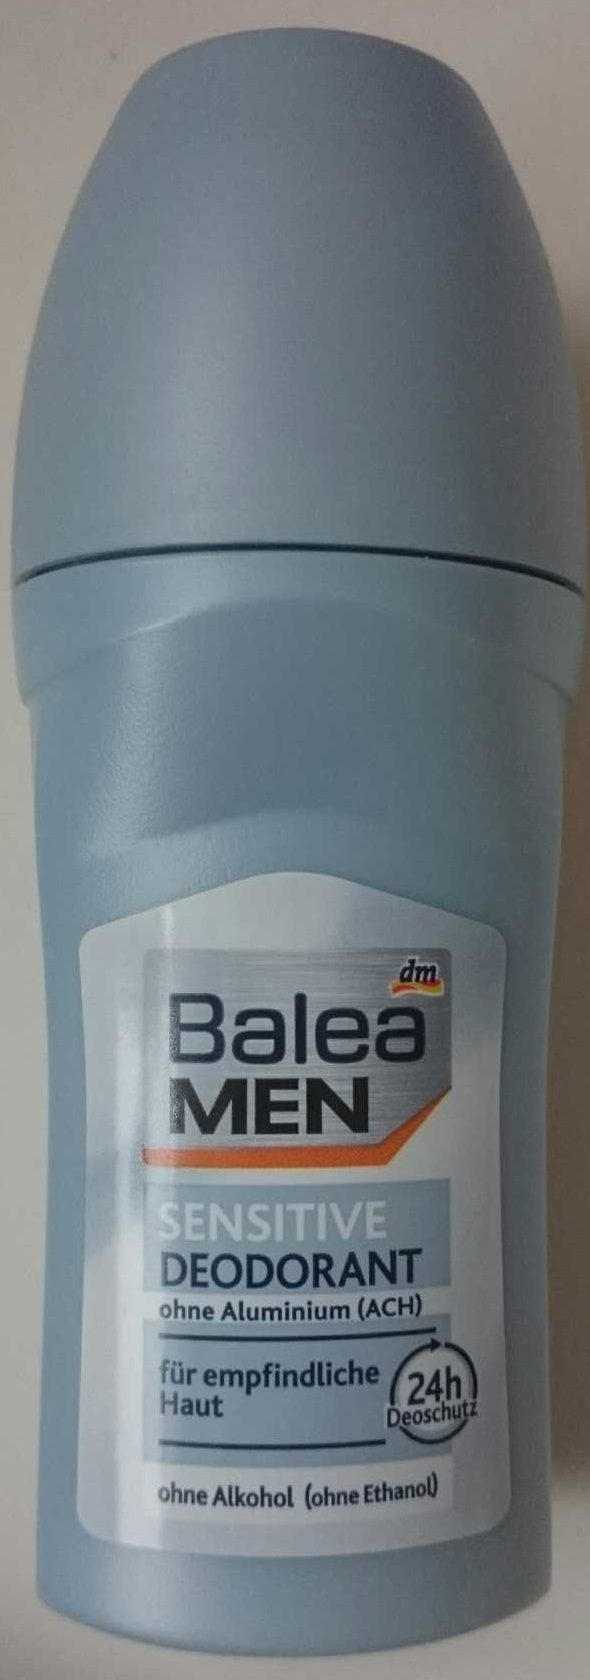 Sensitive Deodorant men - Product - de